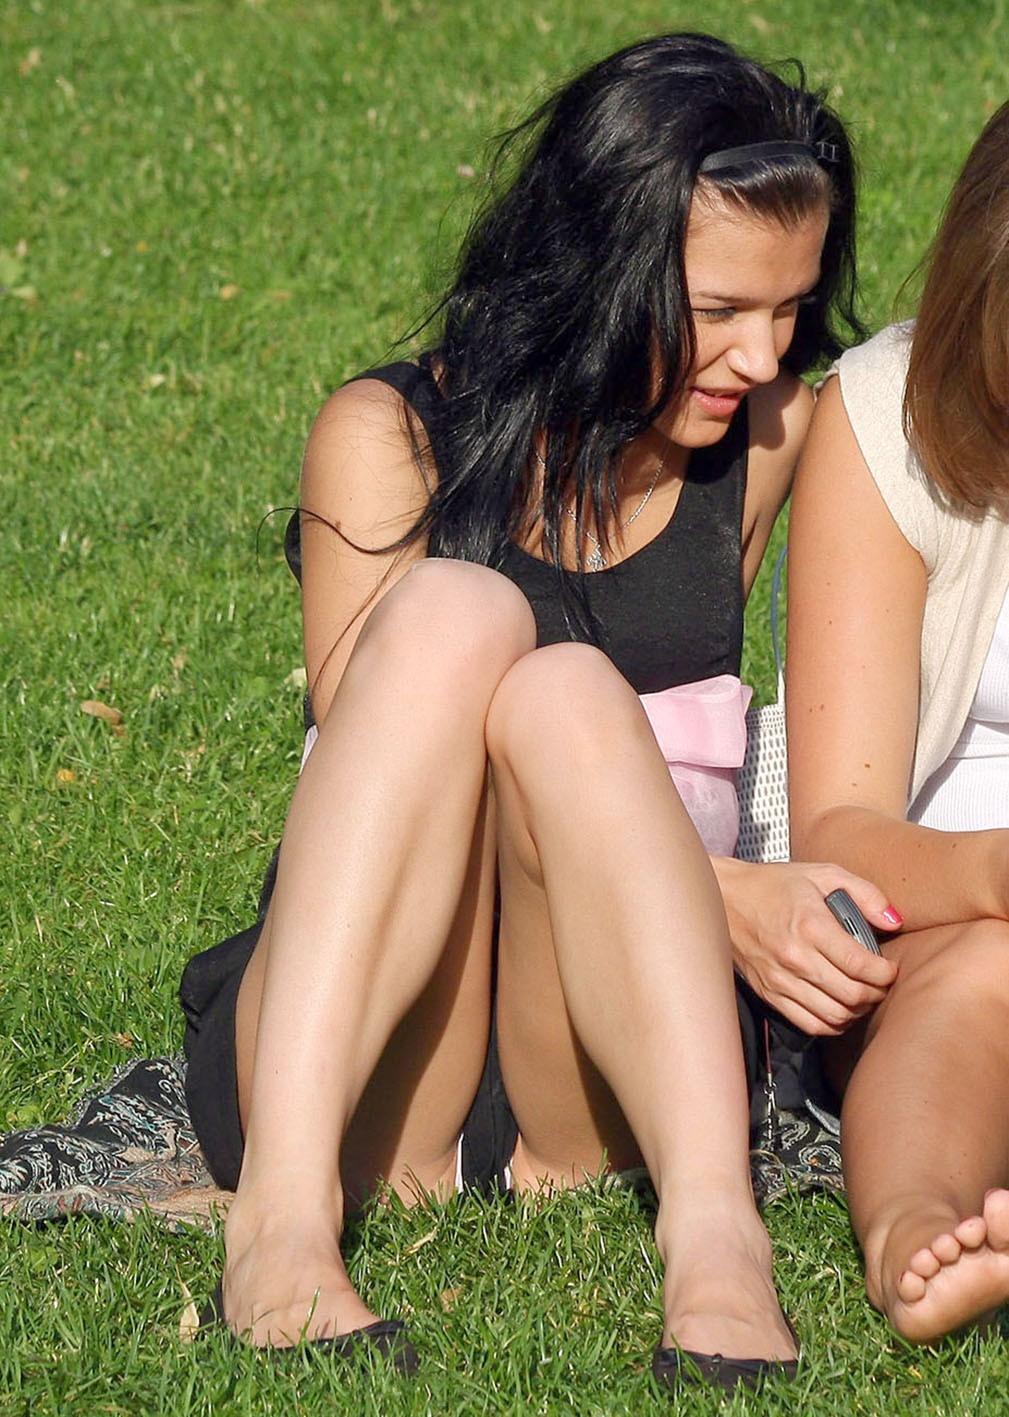 Сидячий апскирт девушек в парке фото 522-961